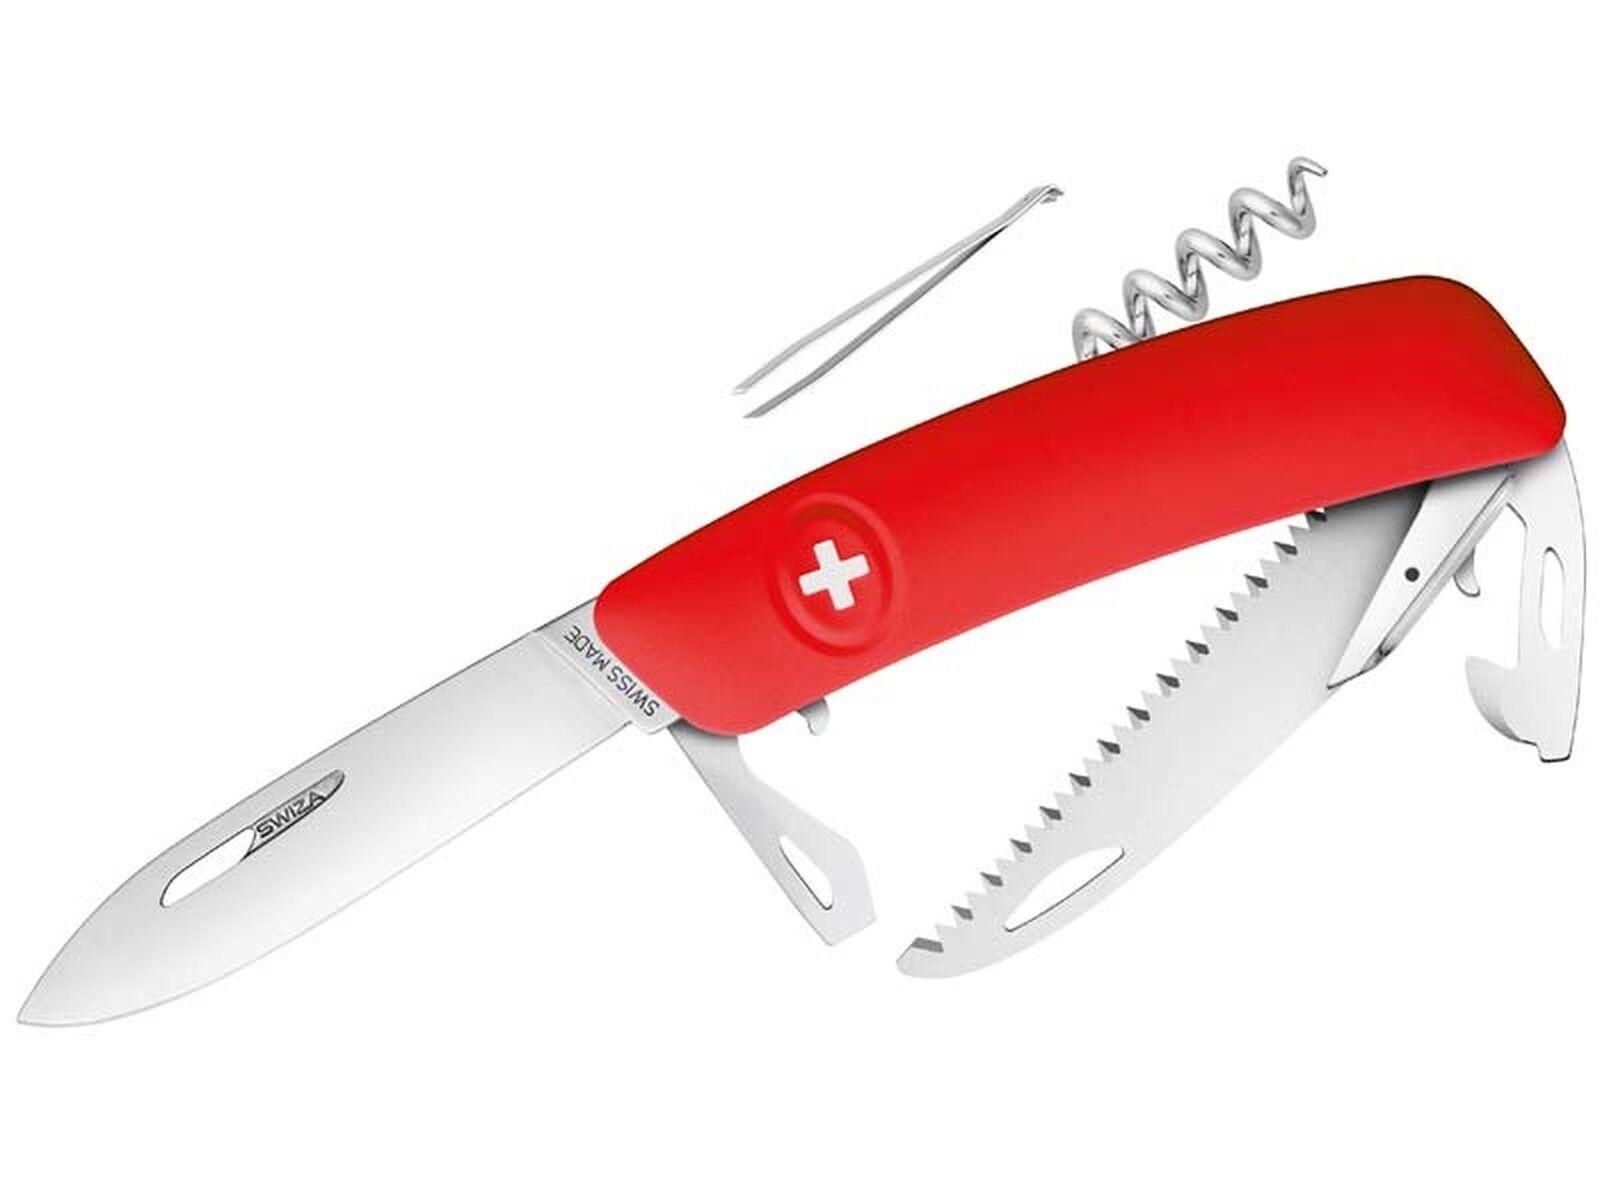 SWIZA Taschenmesser Taschenmesser Taschenmesser D05 Stahl 440 Sicherheitsarretierung Anti-Rutsch-Griffschale 291604